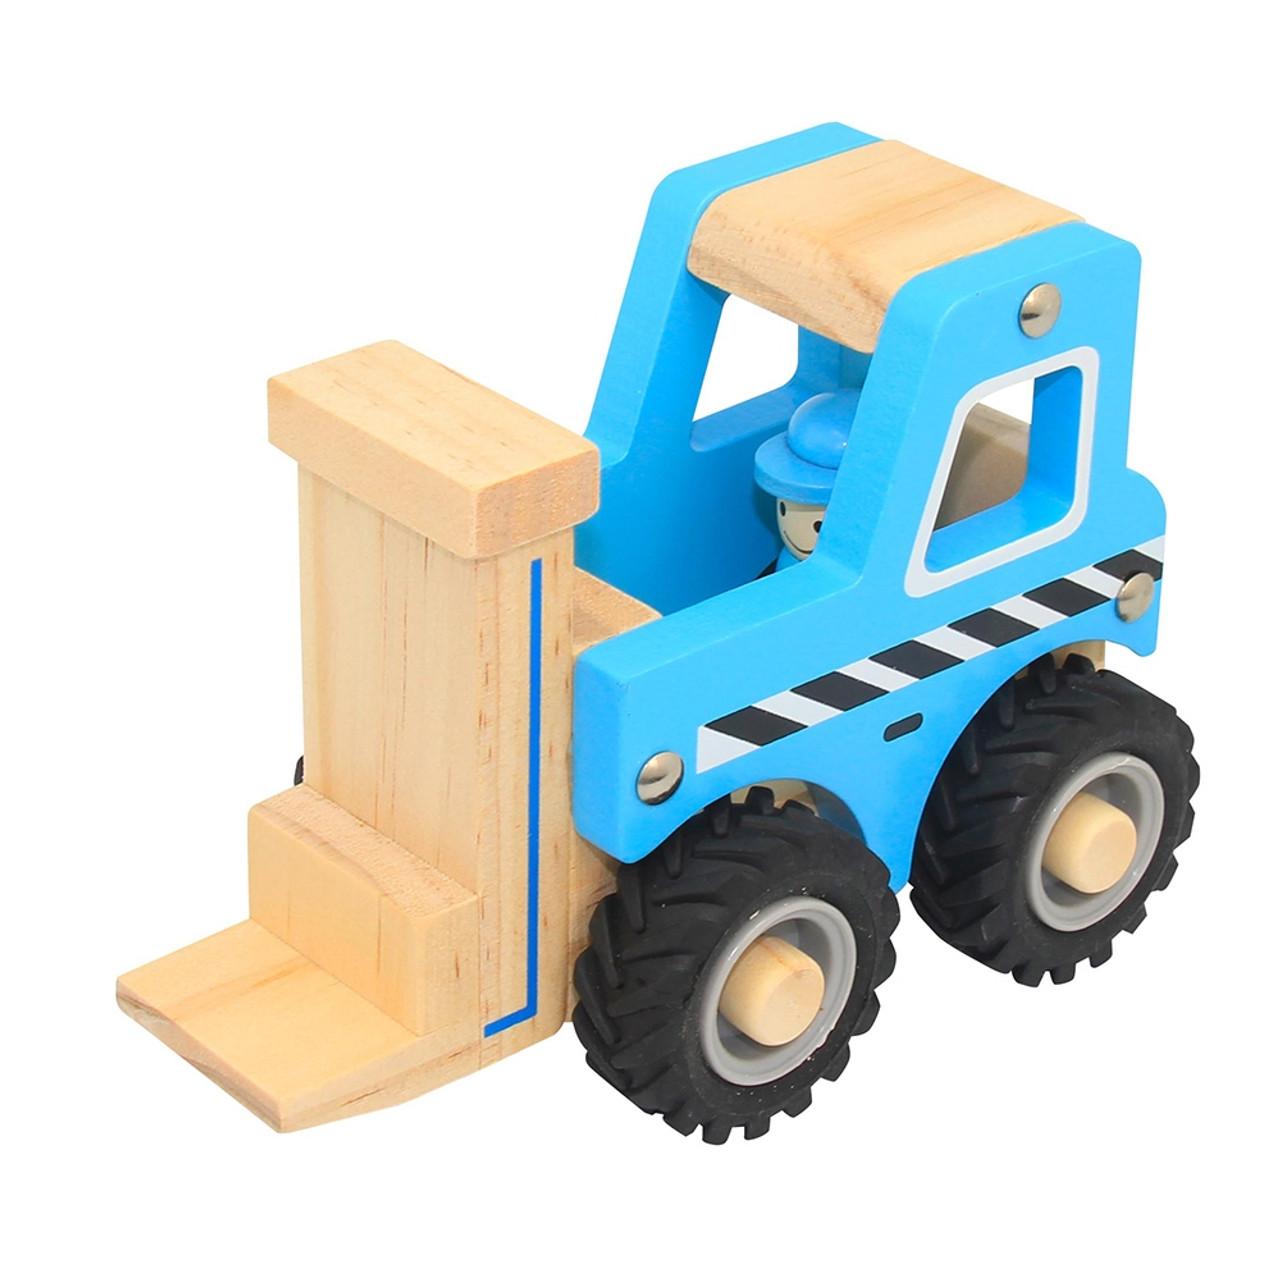 ToysLink Wooden Vehicle - FORKLIFT